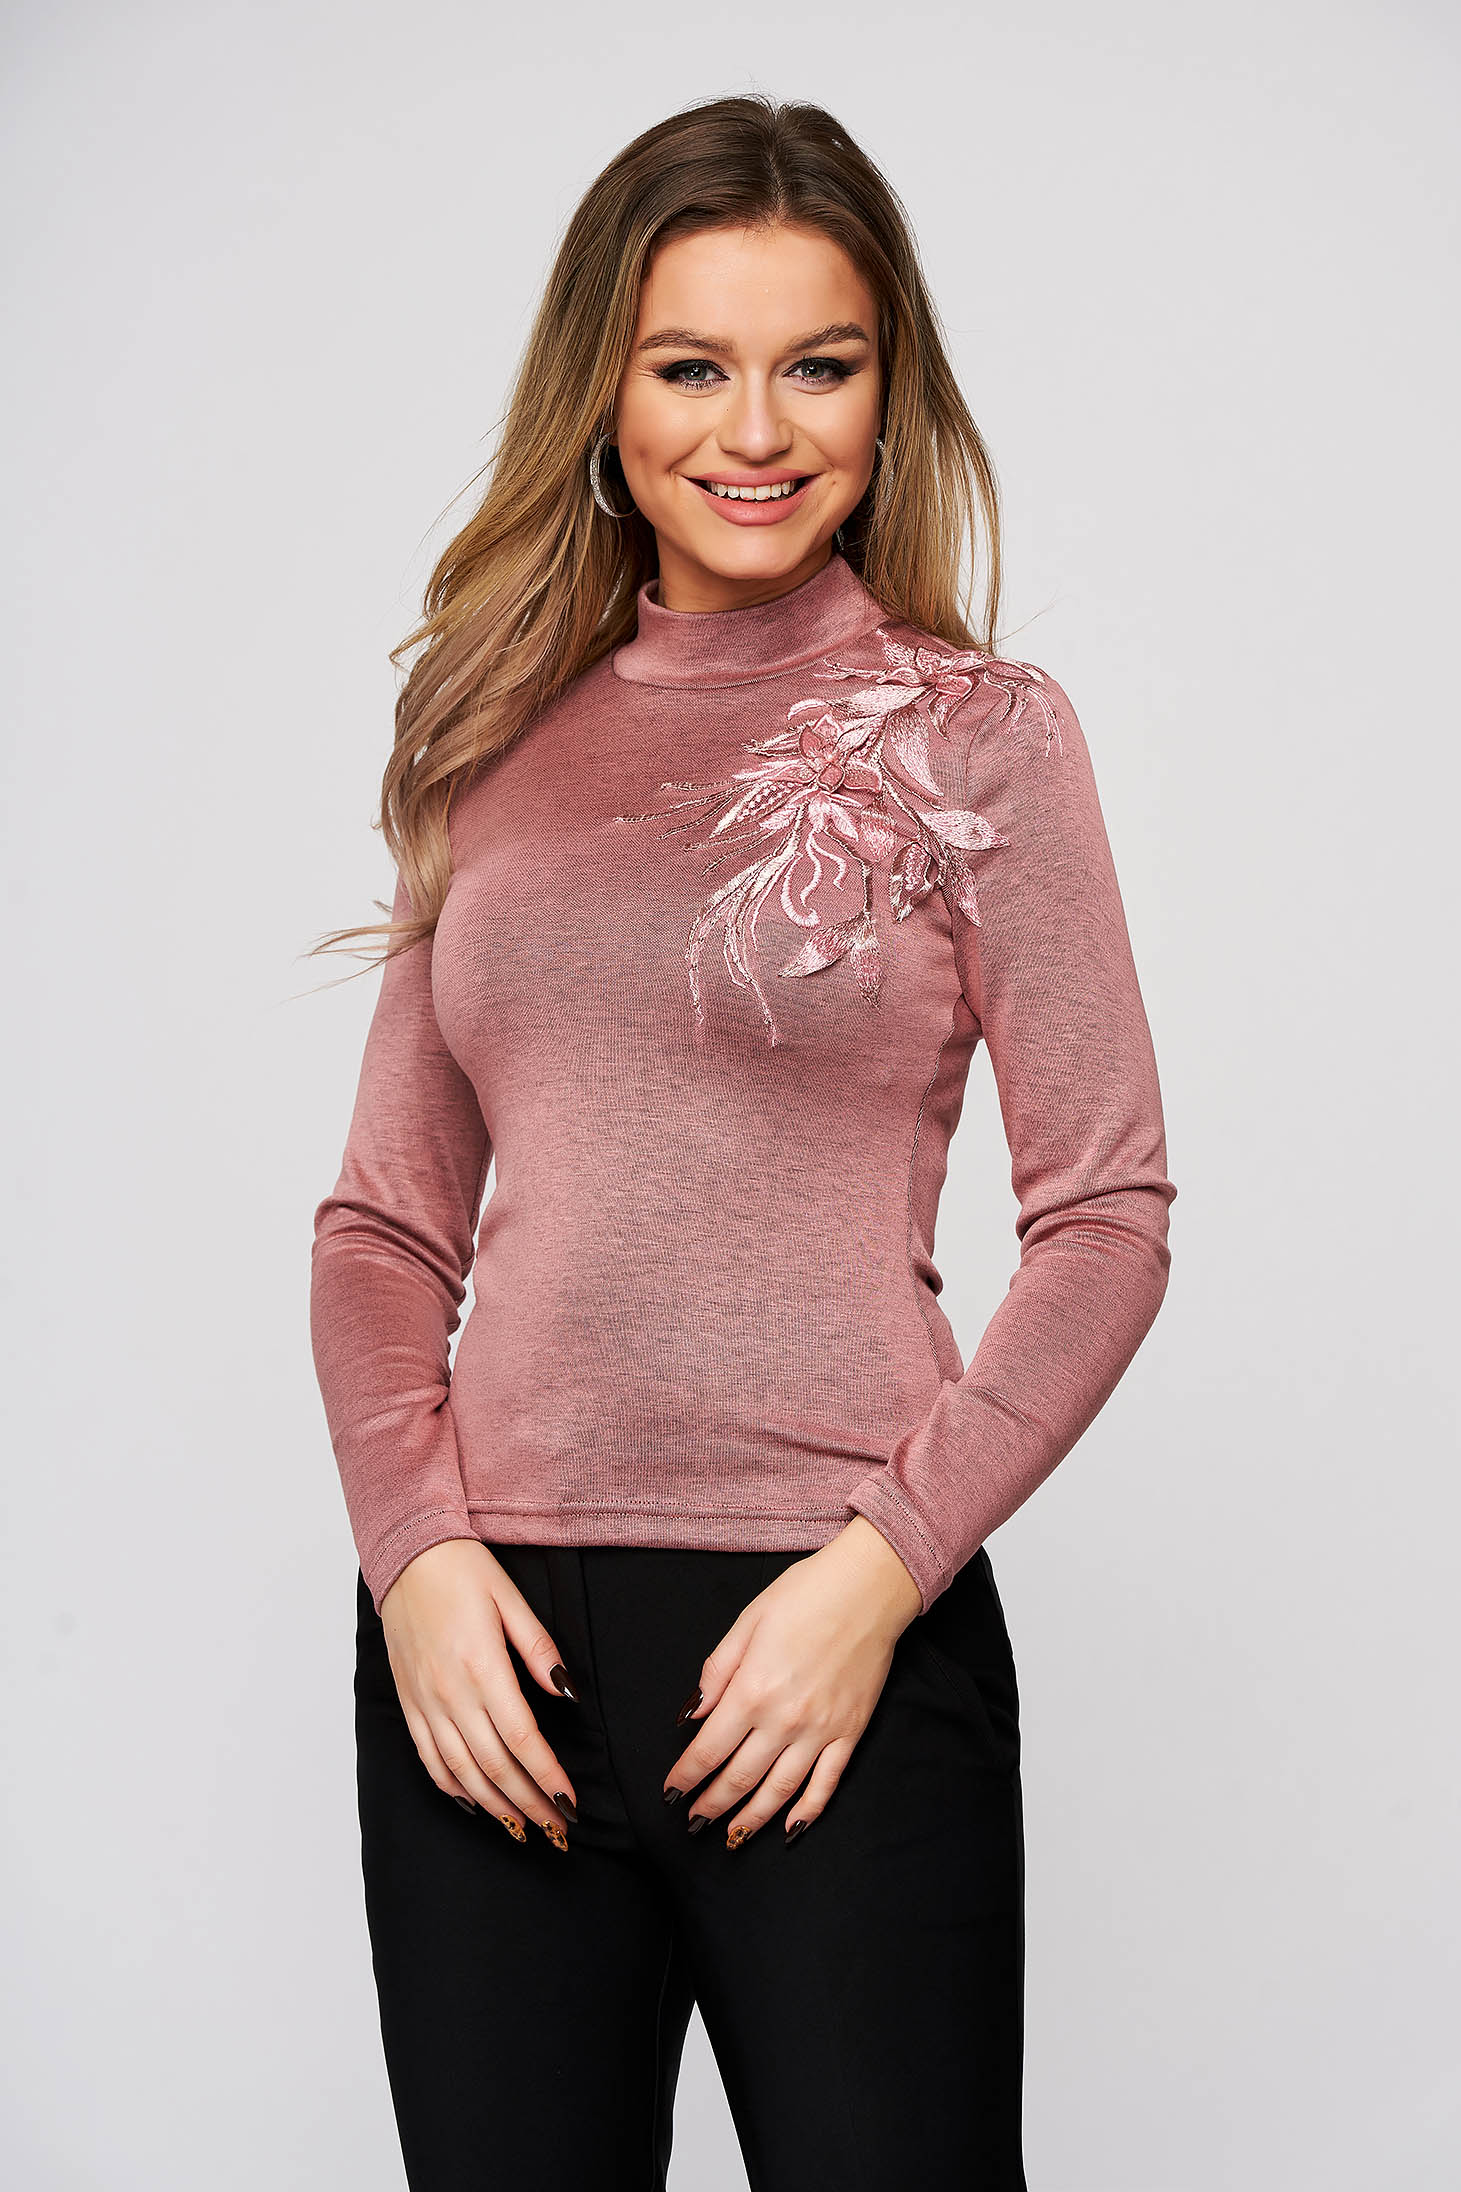 Pulover StarShinerS roz prafuit casual tricotat cu un croi mulat cu insertii de broderie